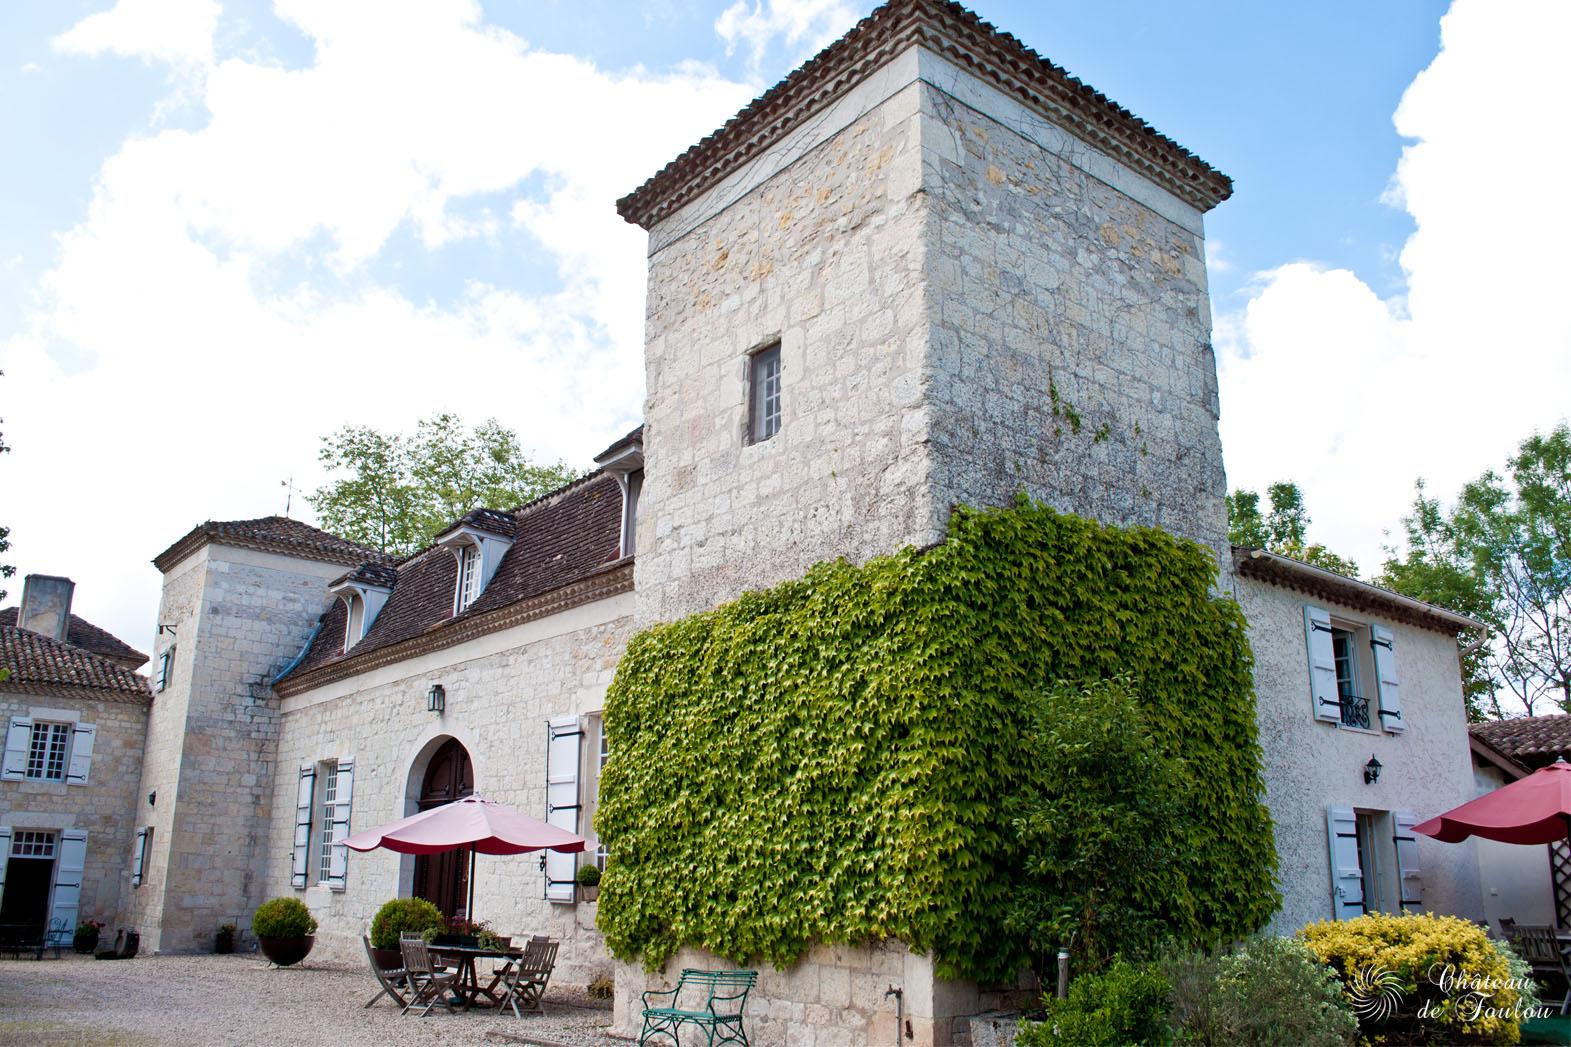 http://www.chateau-de-foulou.com/wp-content/uploads/2014/05/roomtour10.jpg